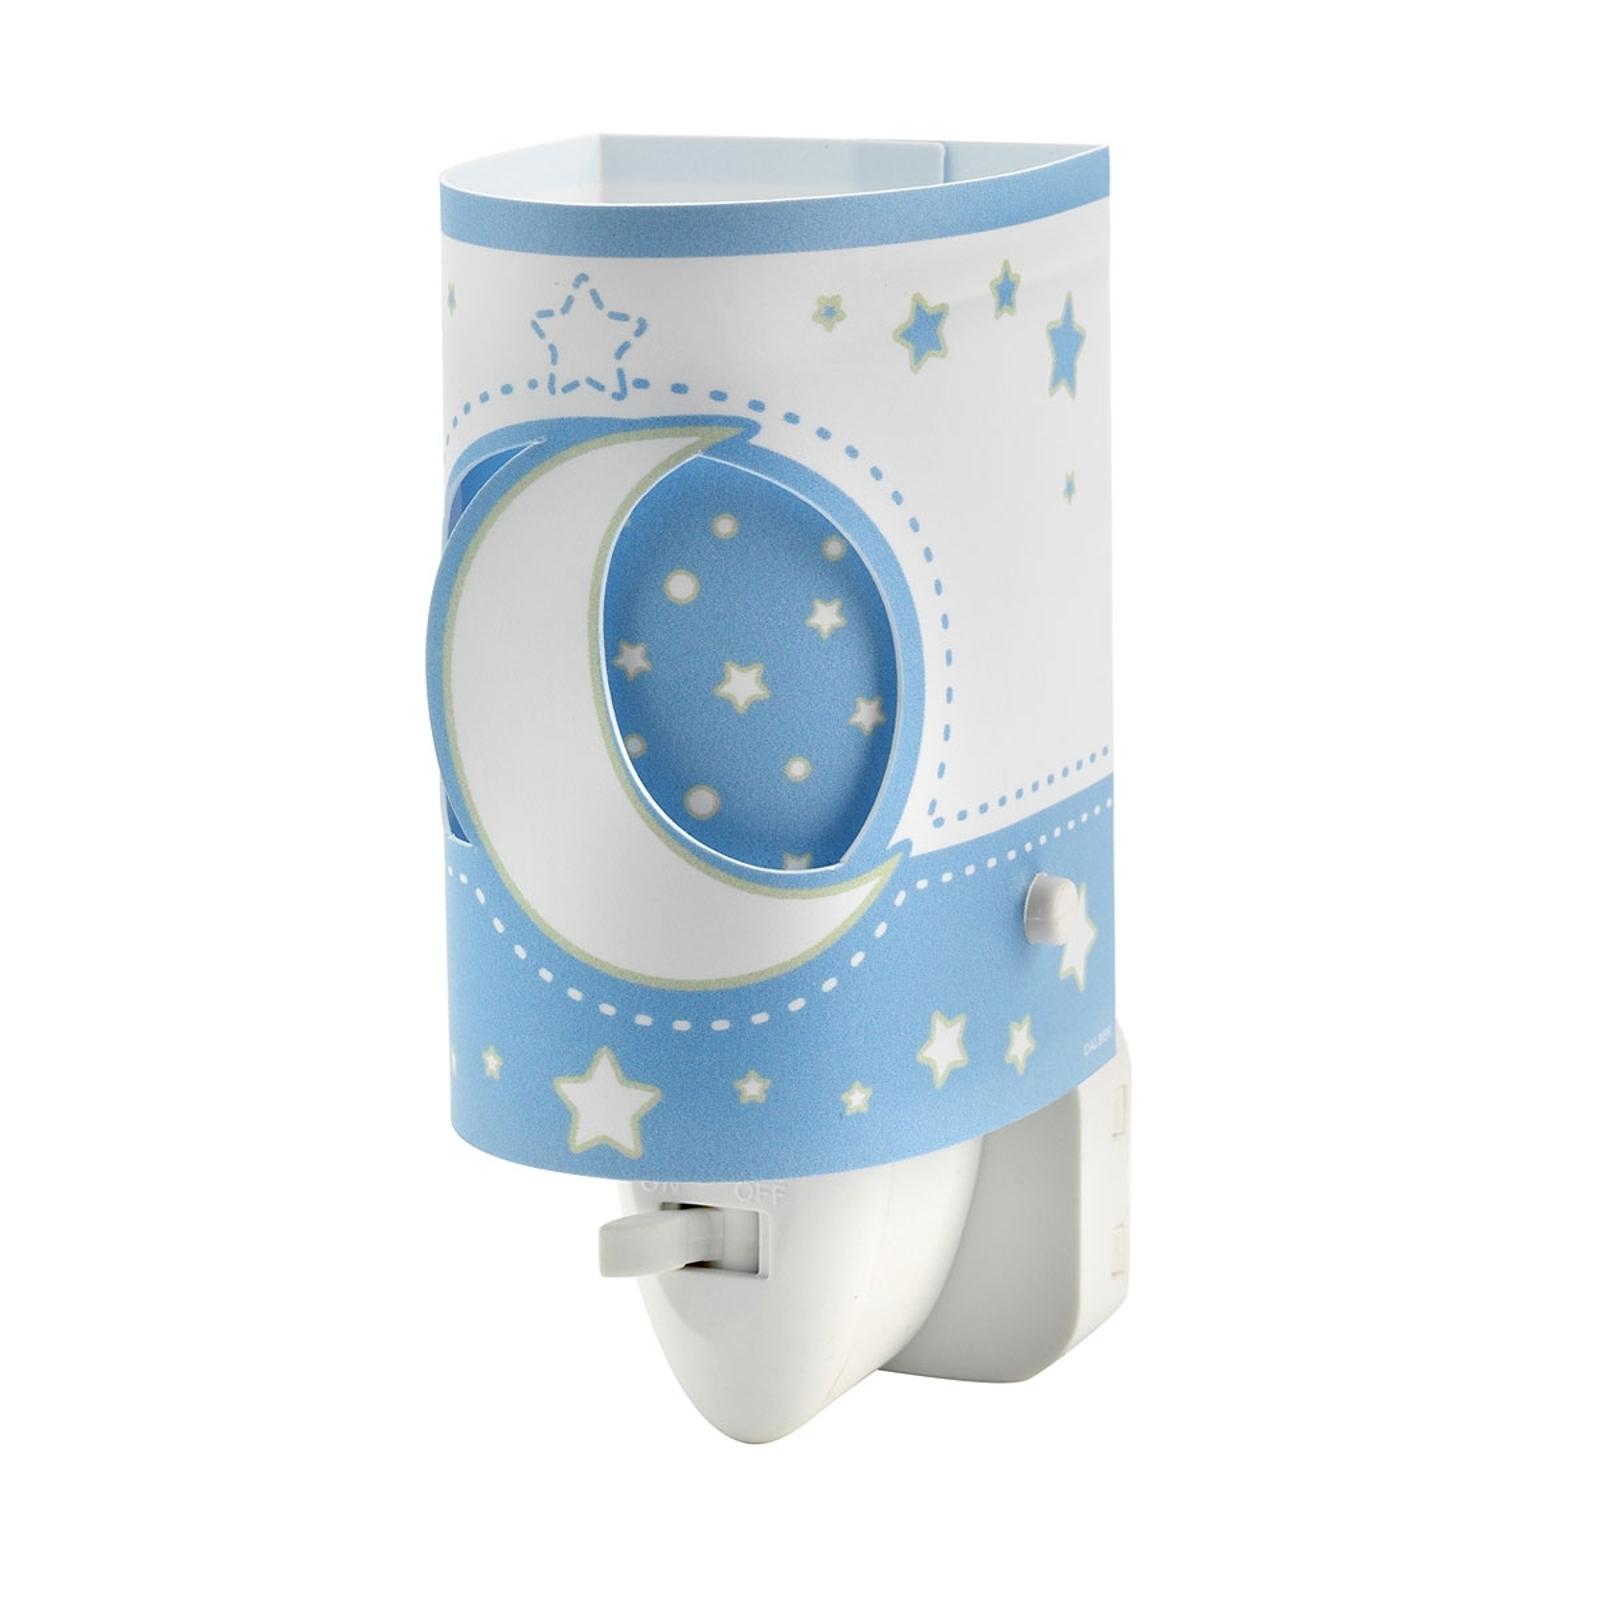 Babyegnet Stars LED-nattlampe i lysblått